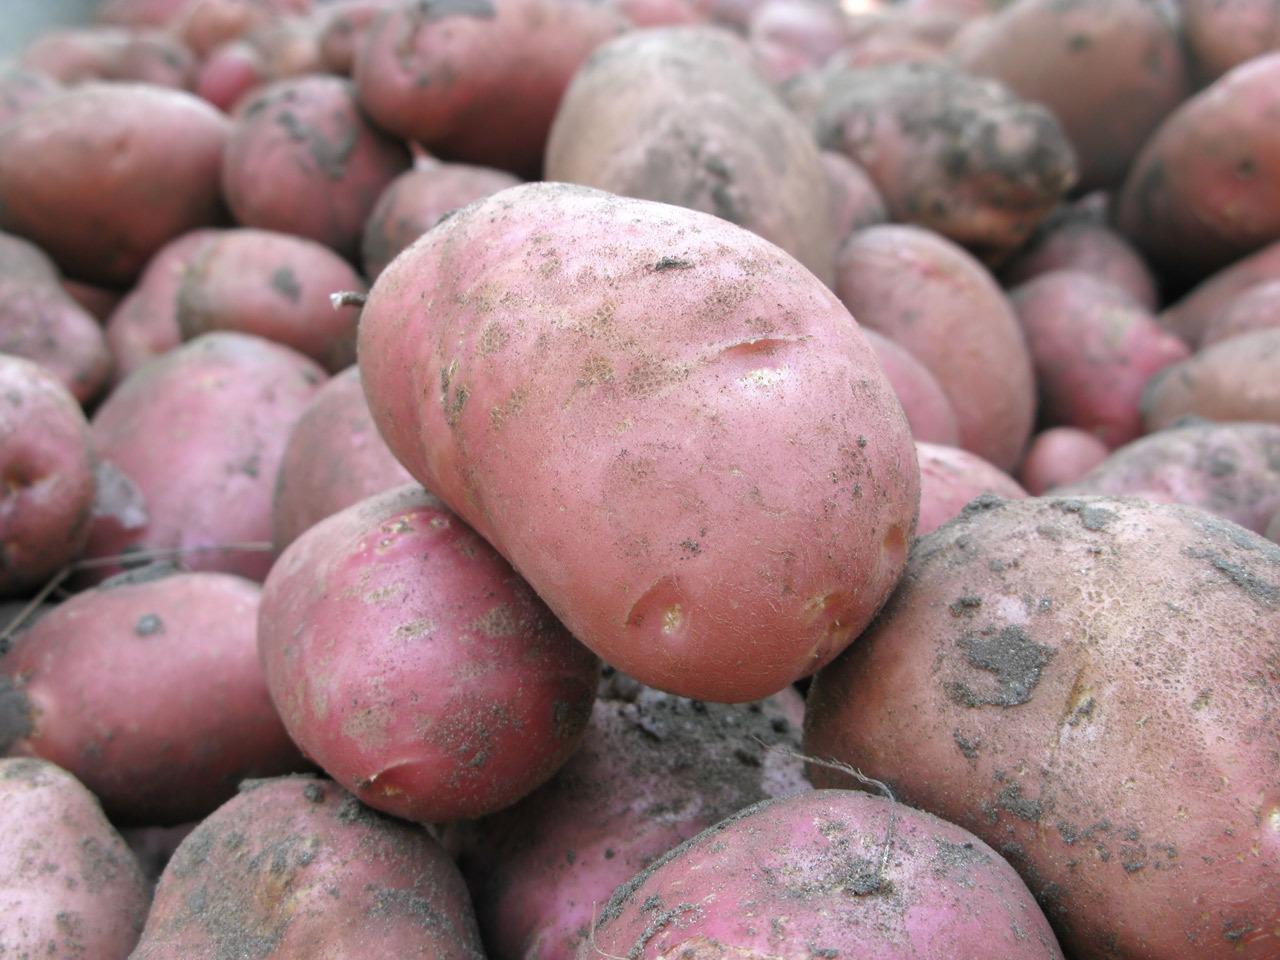 попробуем картофель мерлот описание сорта фото отзывы для